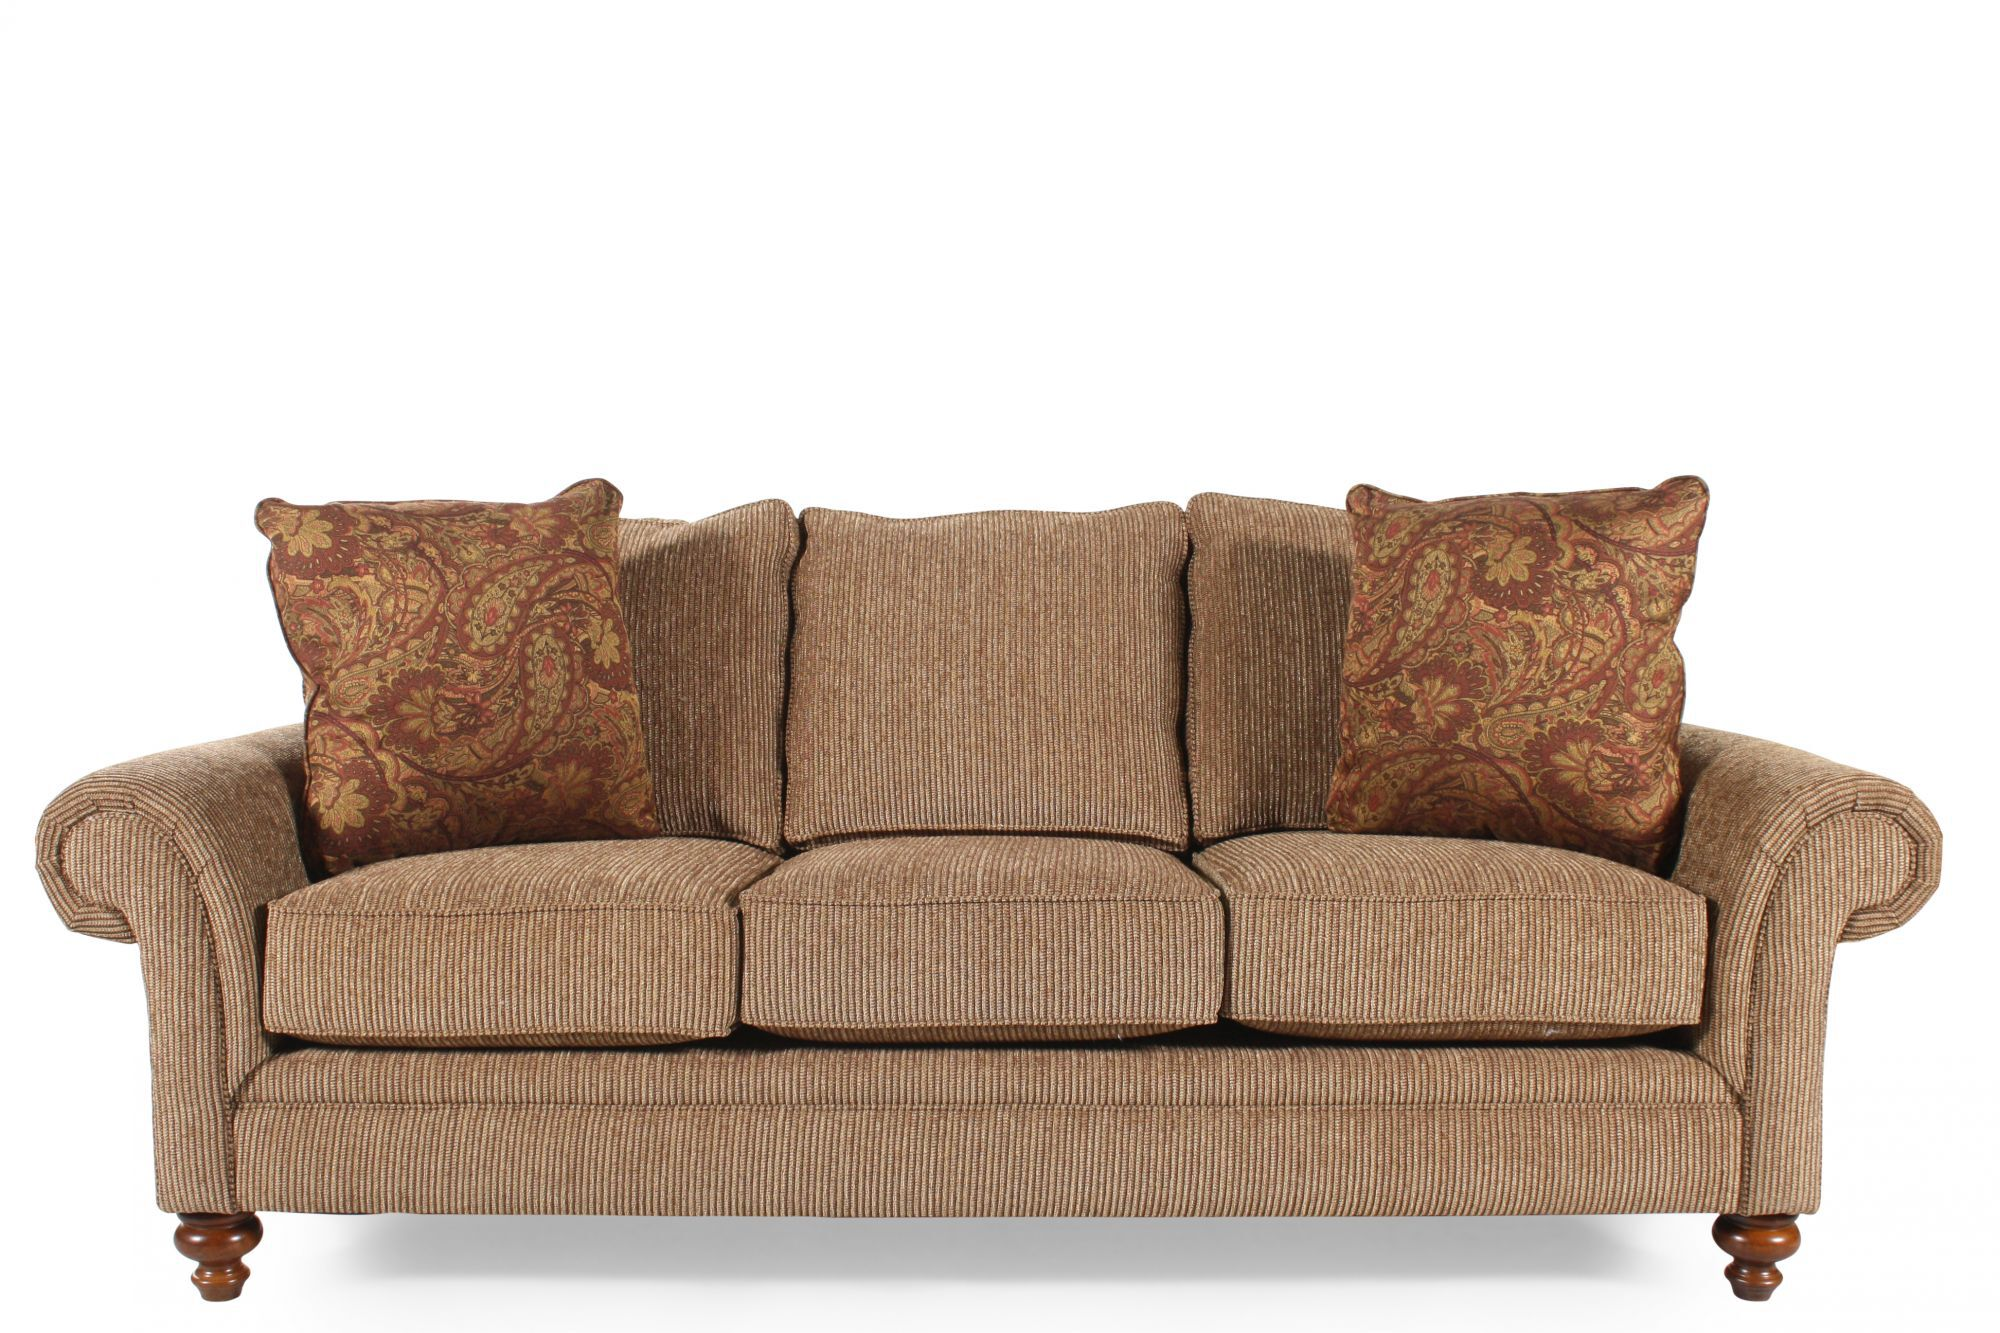 Elegant Images Corduroy Casual 88u0026quot; Sofa In Nut Brown Corduroy Casual 88u0026quot;  Sofa In Nut Brown